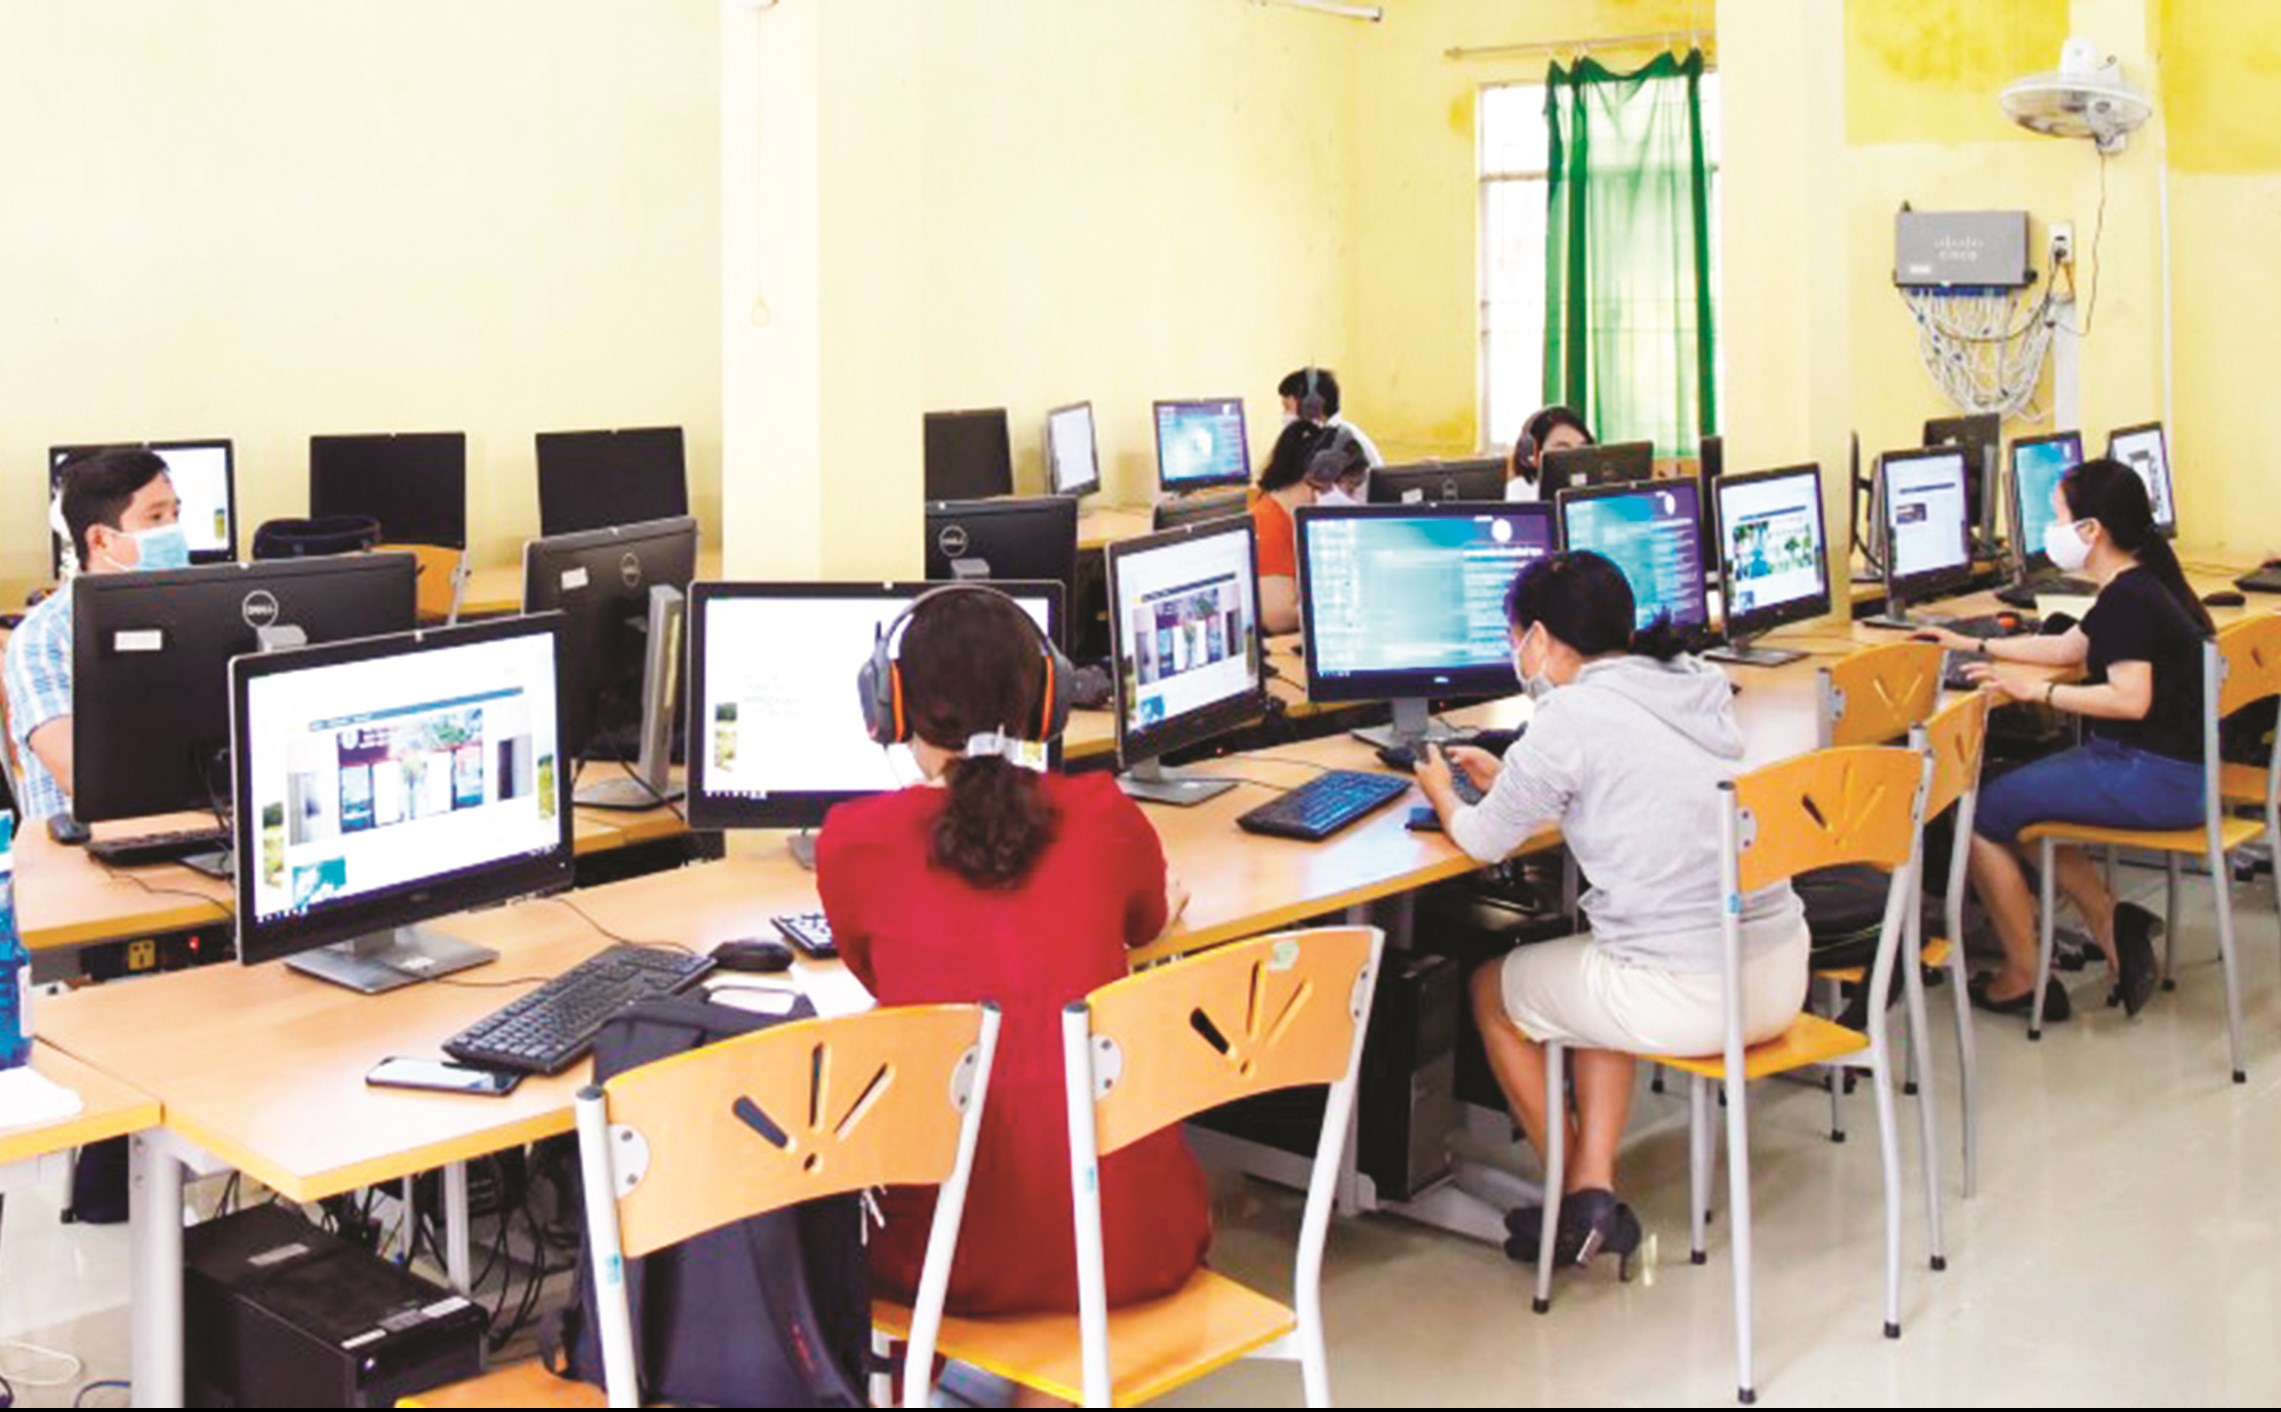 Dạy học trực tuyến không chỉ là giải pháp tình thế, mà còn là cơ hội để các cơ sở giáo dục áp dụng lâu dài.